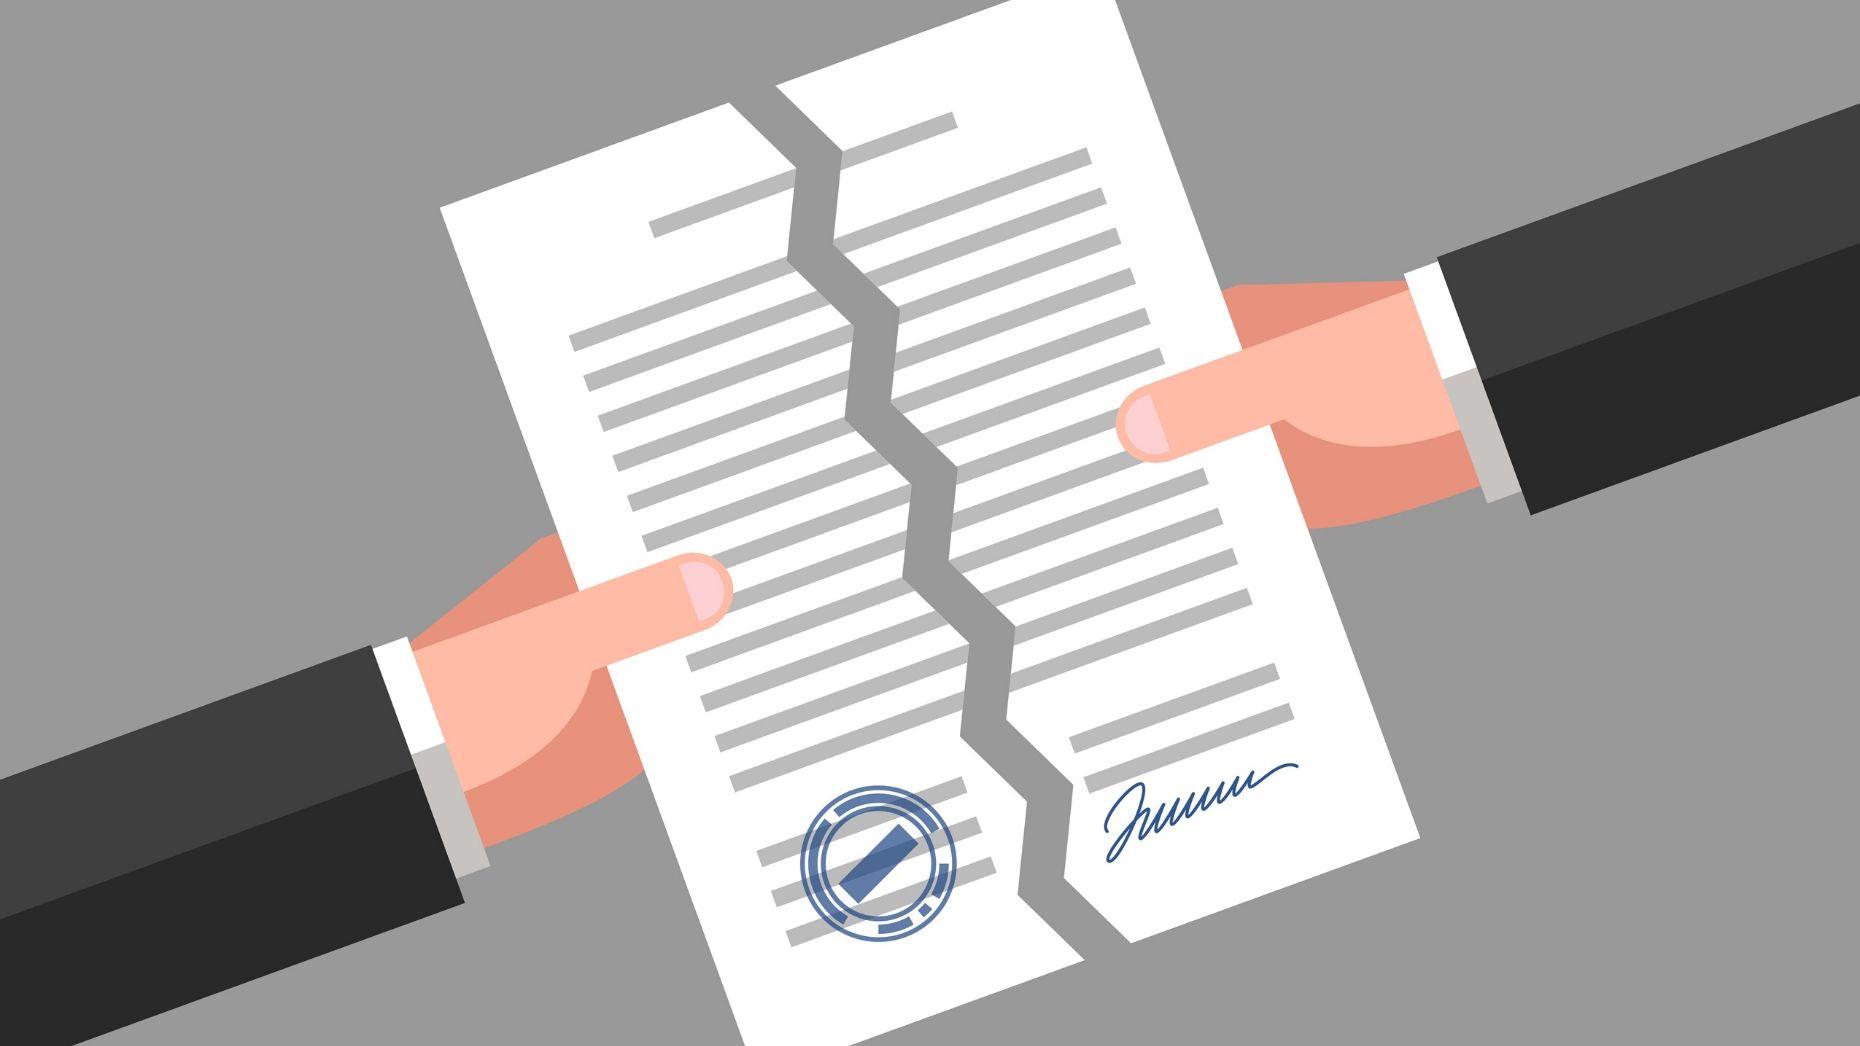 Douglas Elliman cancels plans to acquire John Daugherty Realtors